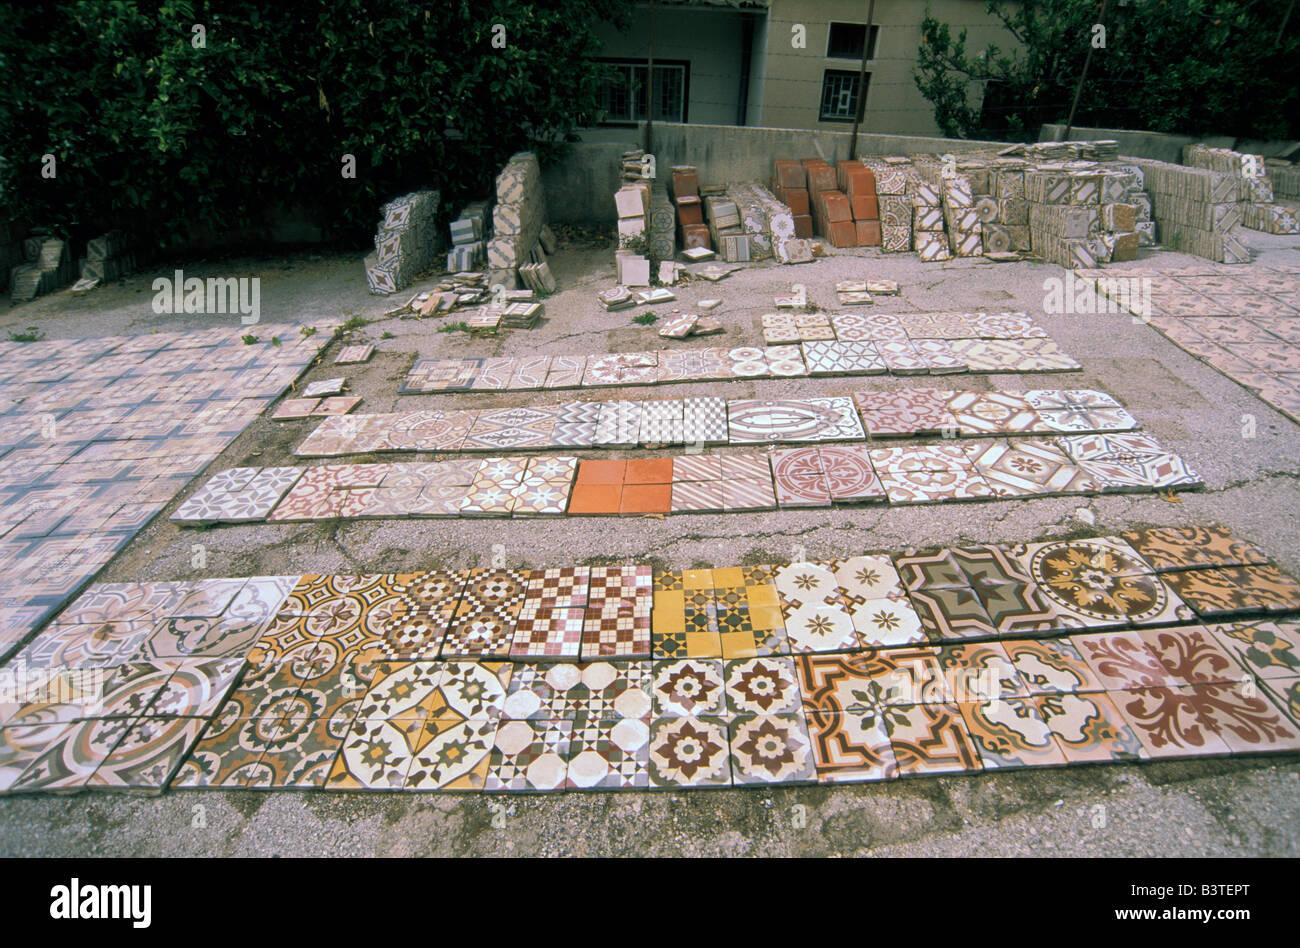 Asia, Líbano, Beirut. Azulejos de mosaico y reacondicionamiento de fábrica. Imagen De Stock